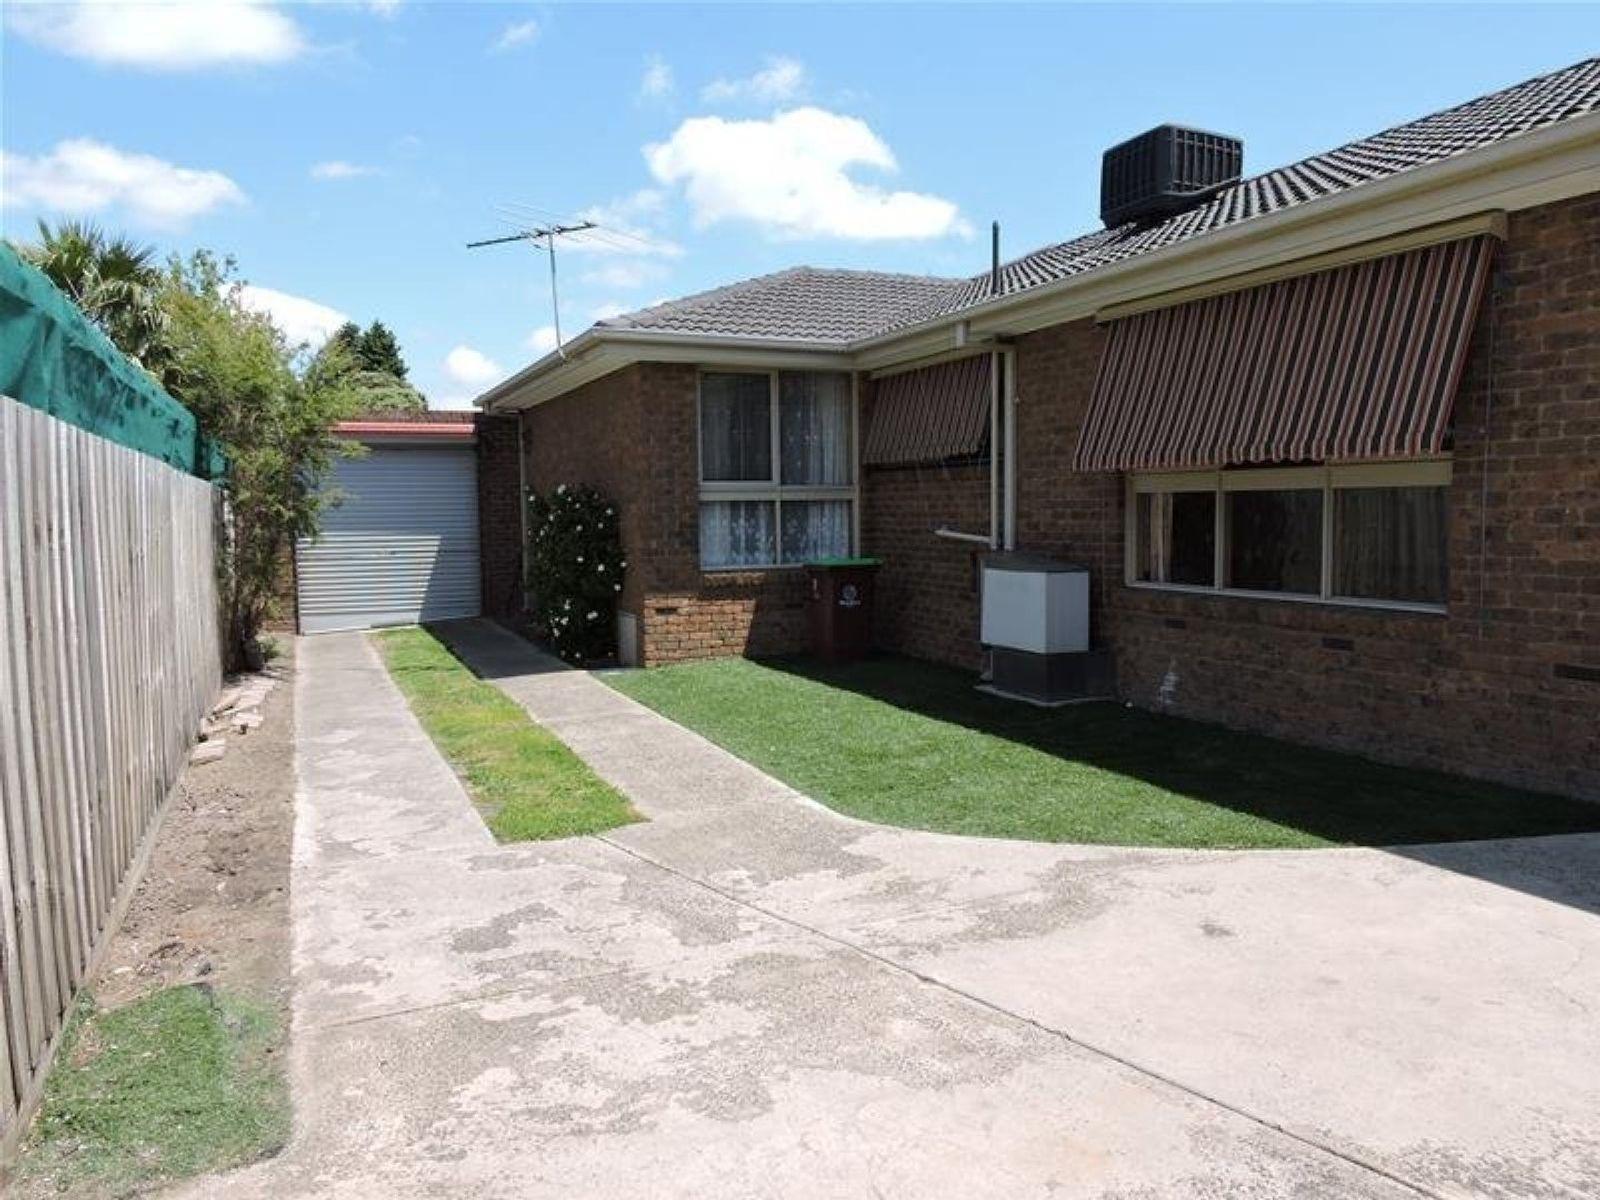 57 Monkhouse Drive, Endeavour Hills, VIC 3802